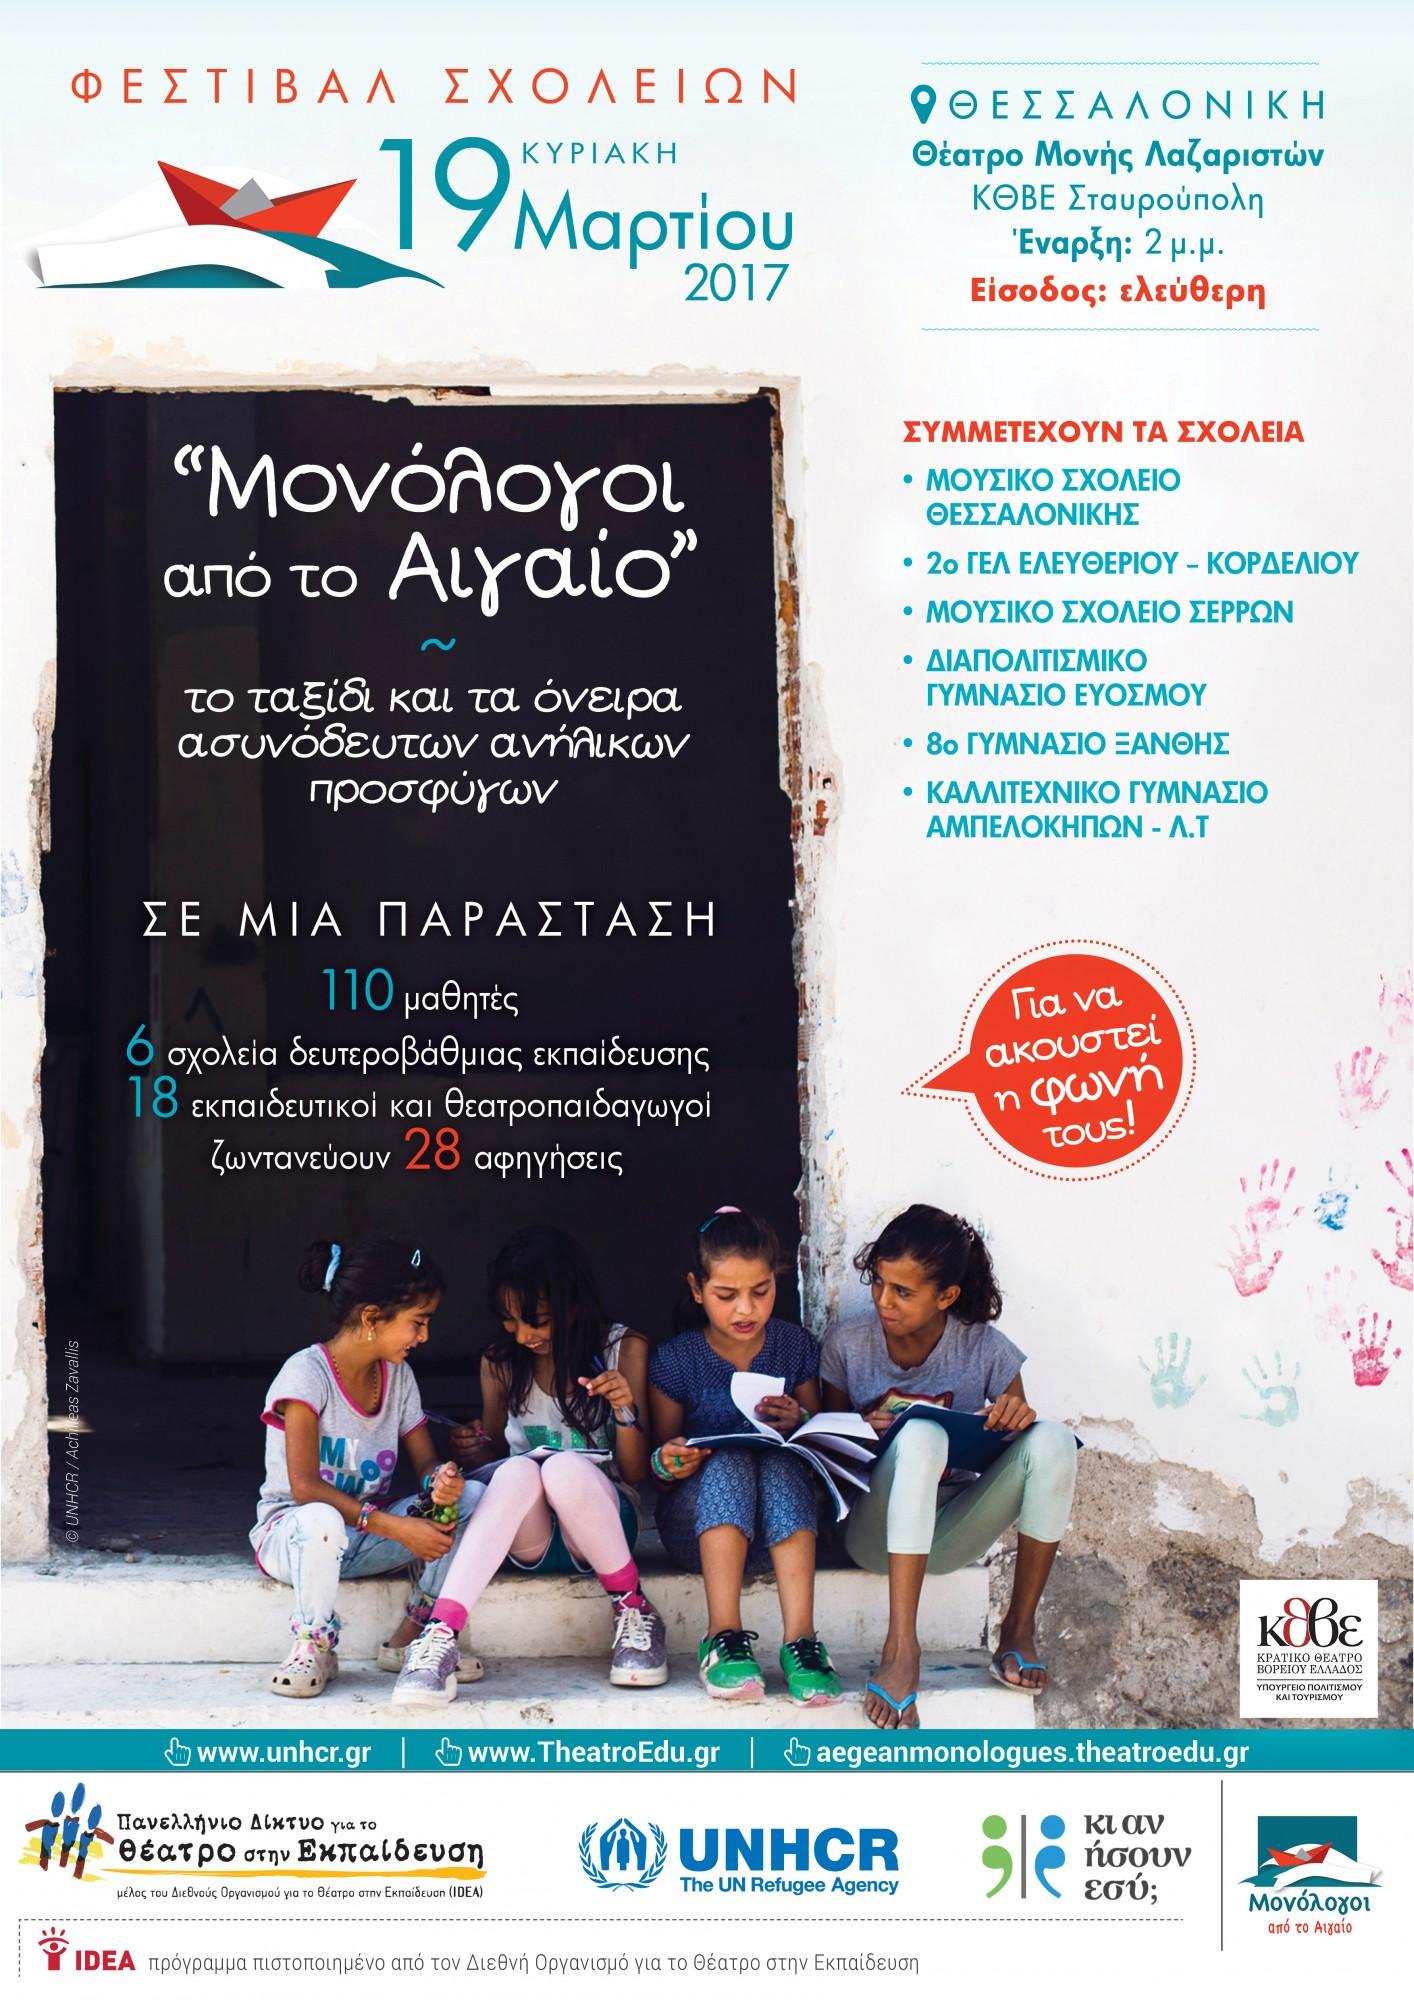 «Μονόλογοι από το Αιγαίο, το ταξίδι και τα όνειρα ασυνόδευτων ανήλικων προσφύγων»